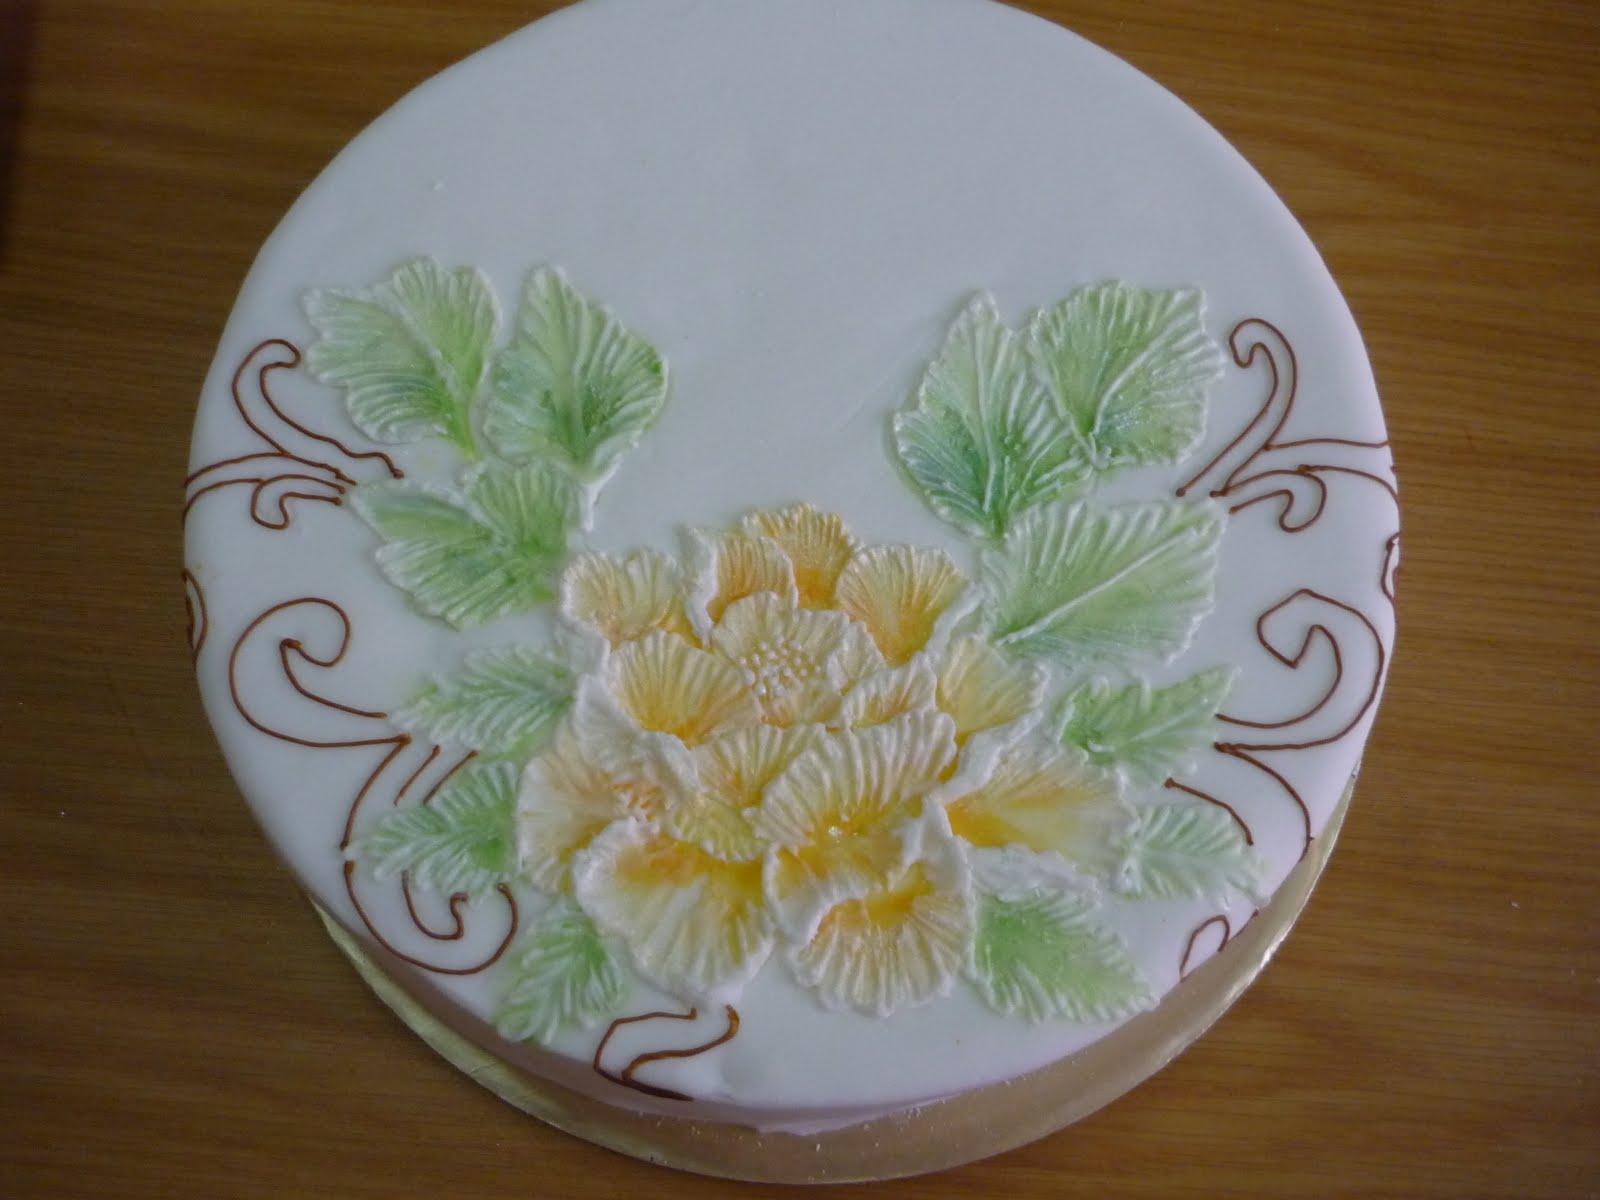 Alhamdulillah Akhirnya Kelas Brush Embroidery Selesai Dengan Jayanya Tahniah Kepada Pn Syazwan Aishah Zalina Syarifah Dan Rashidah